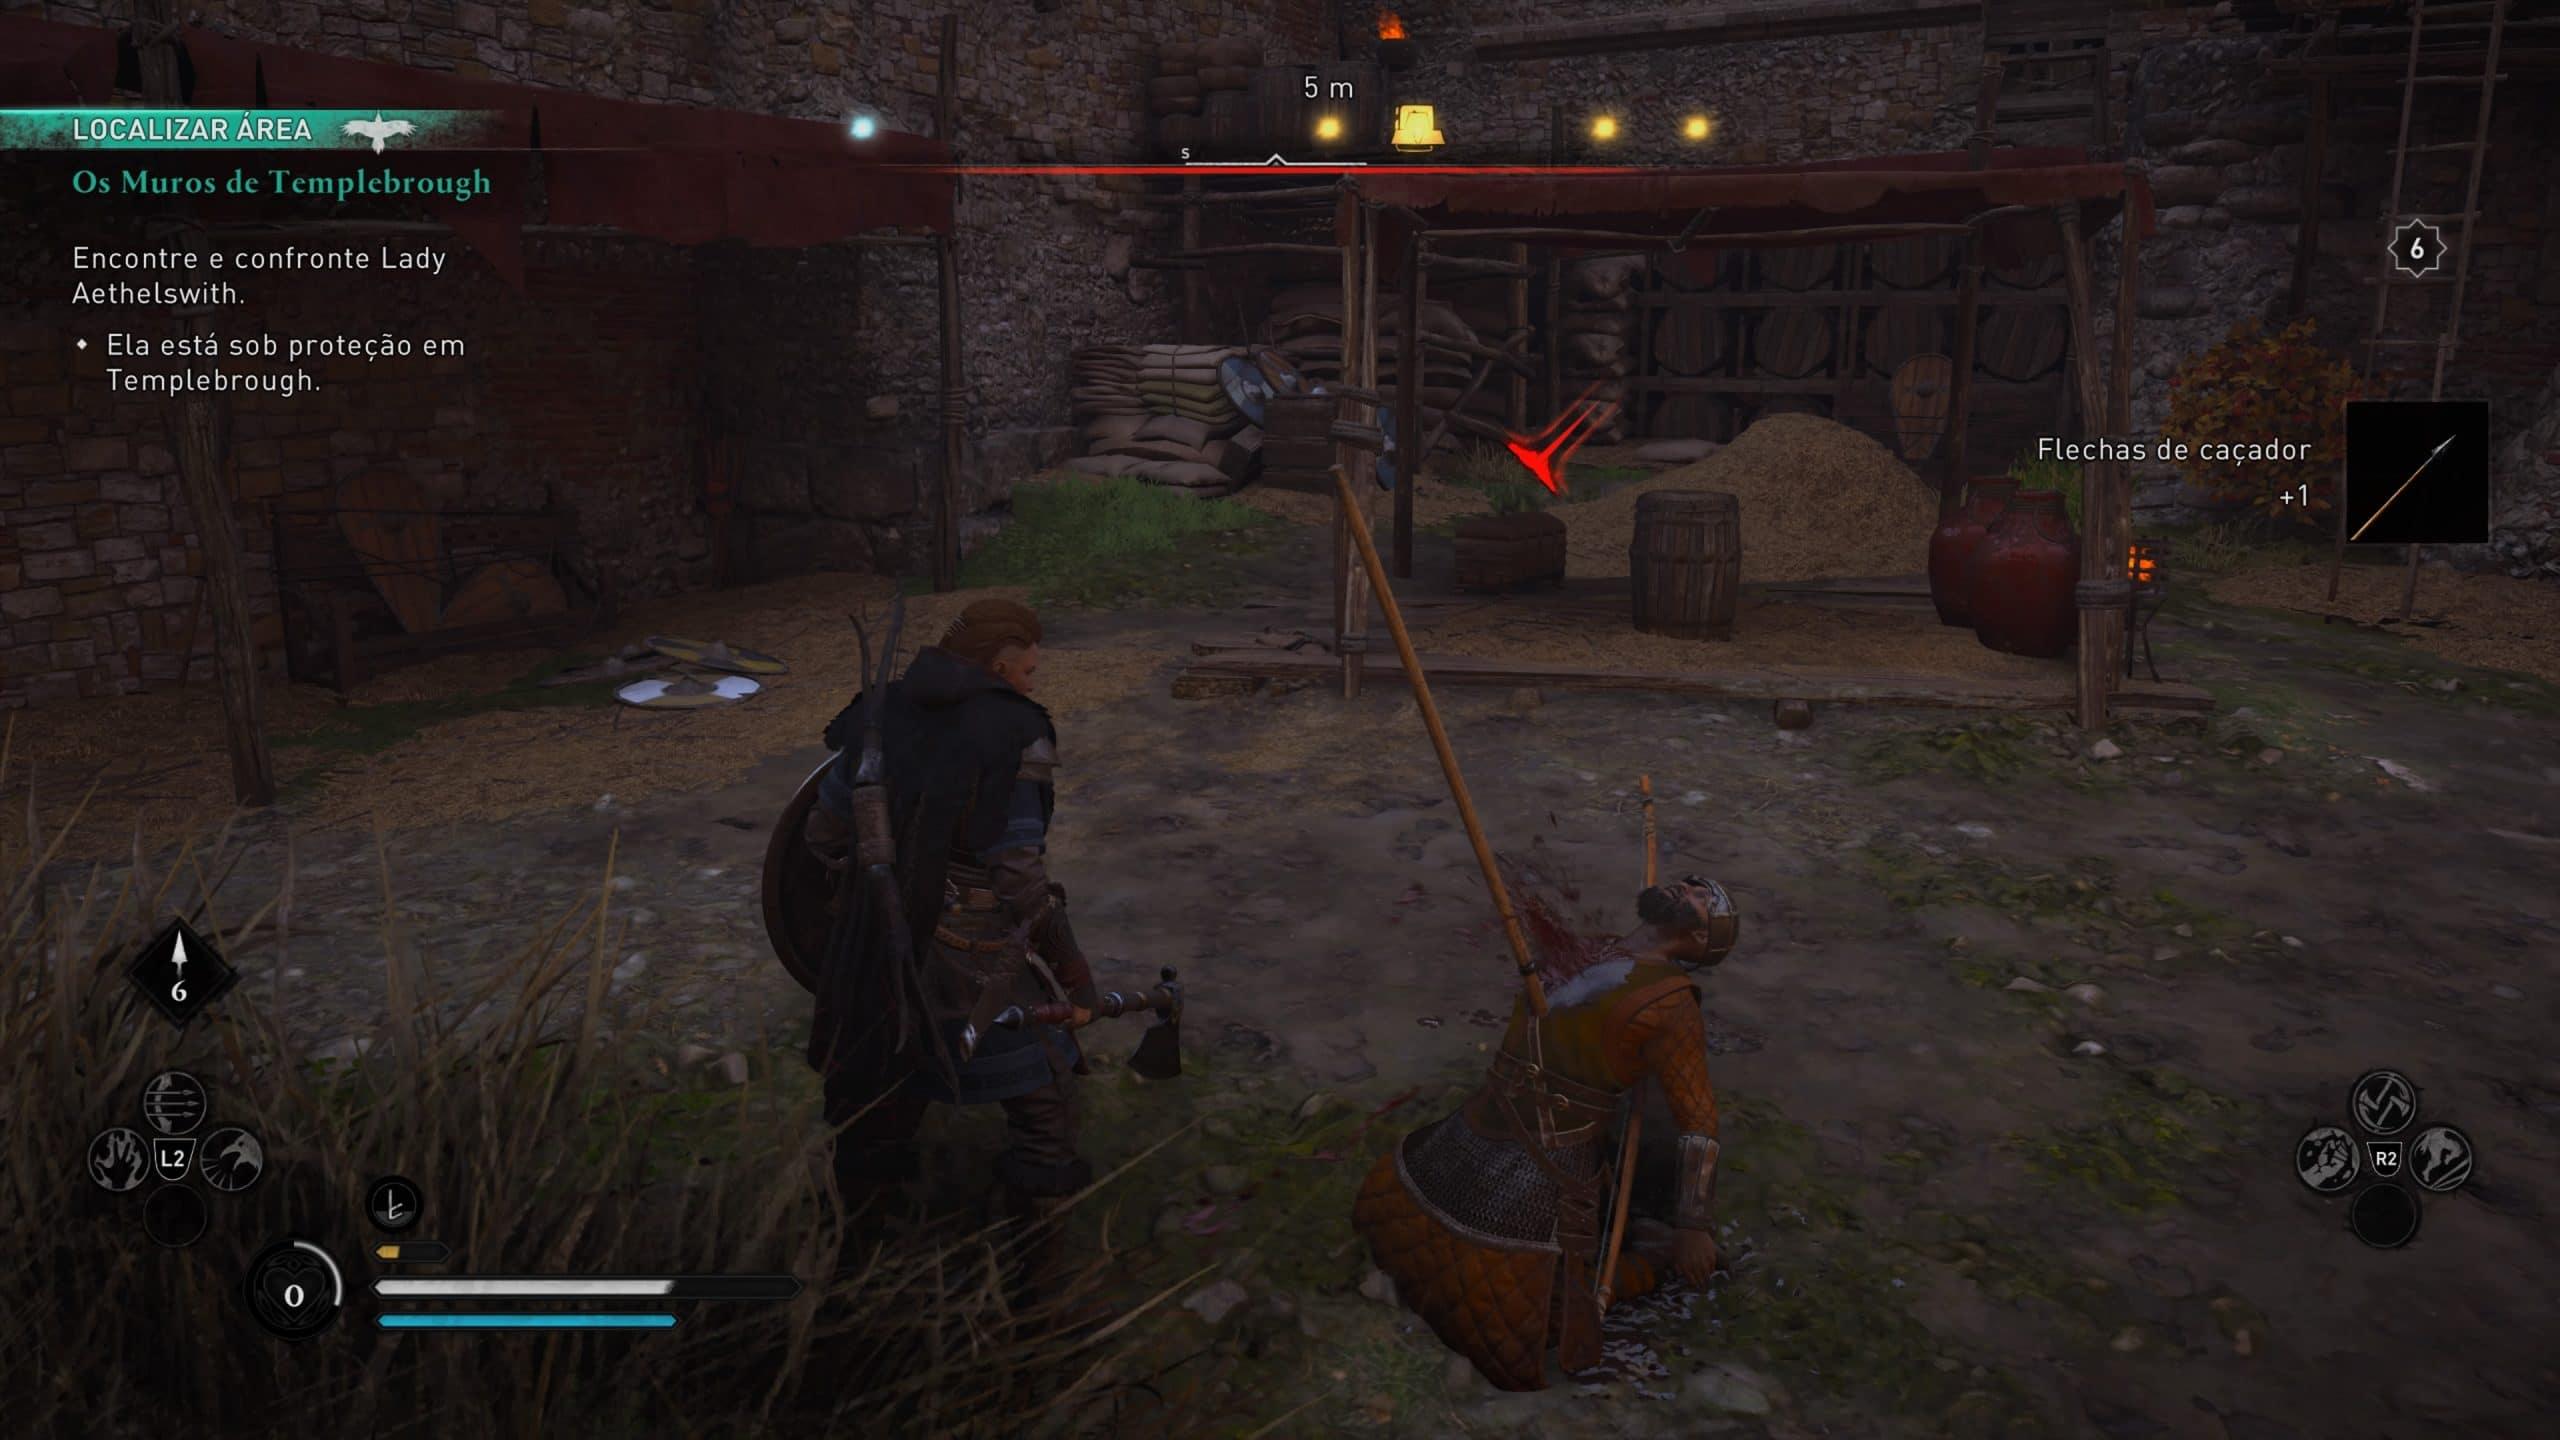 Assassin's Creed Valhalla tem combate intenso e visceral (Foto: Reprodução/Thiago Barros)